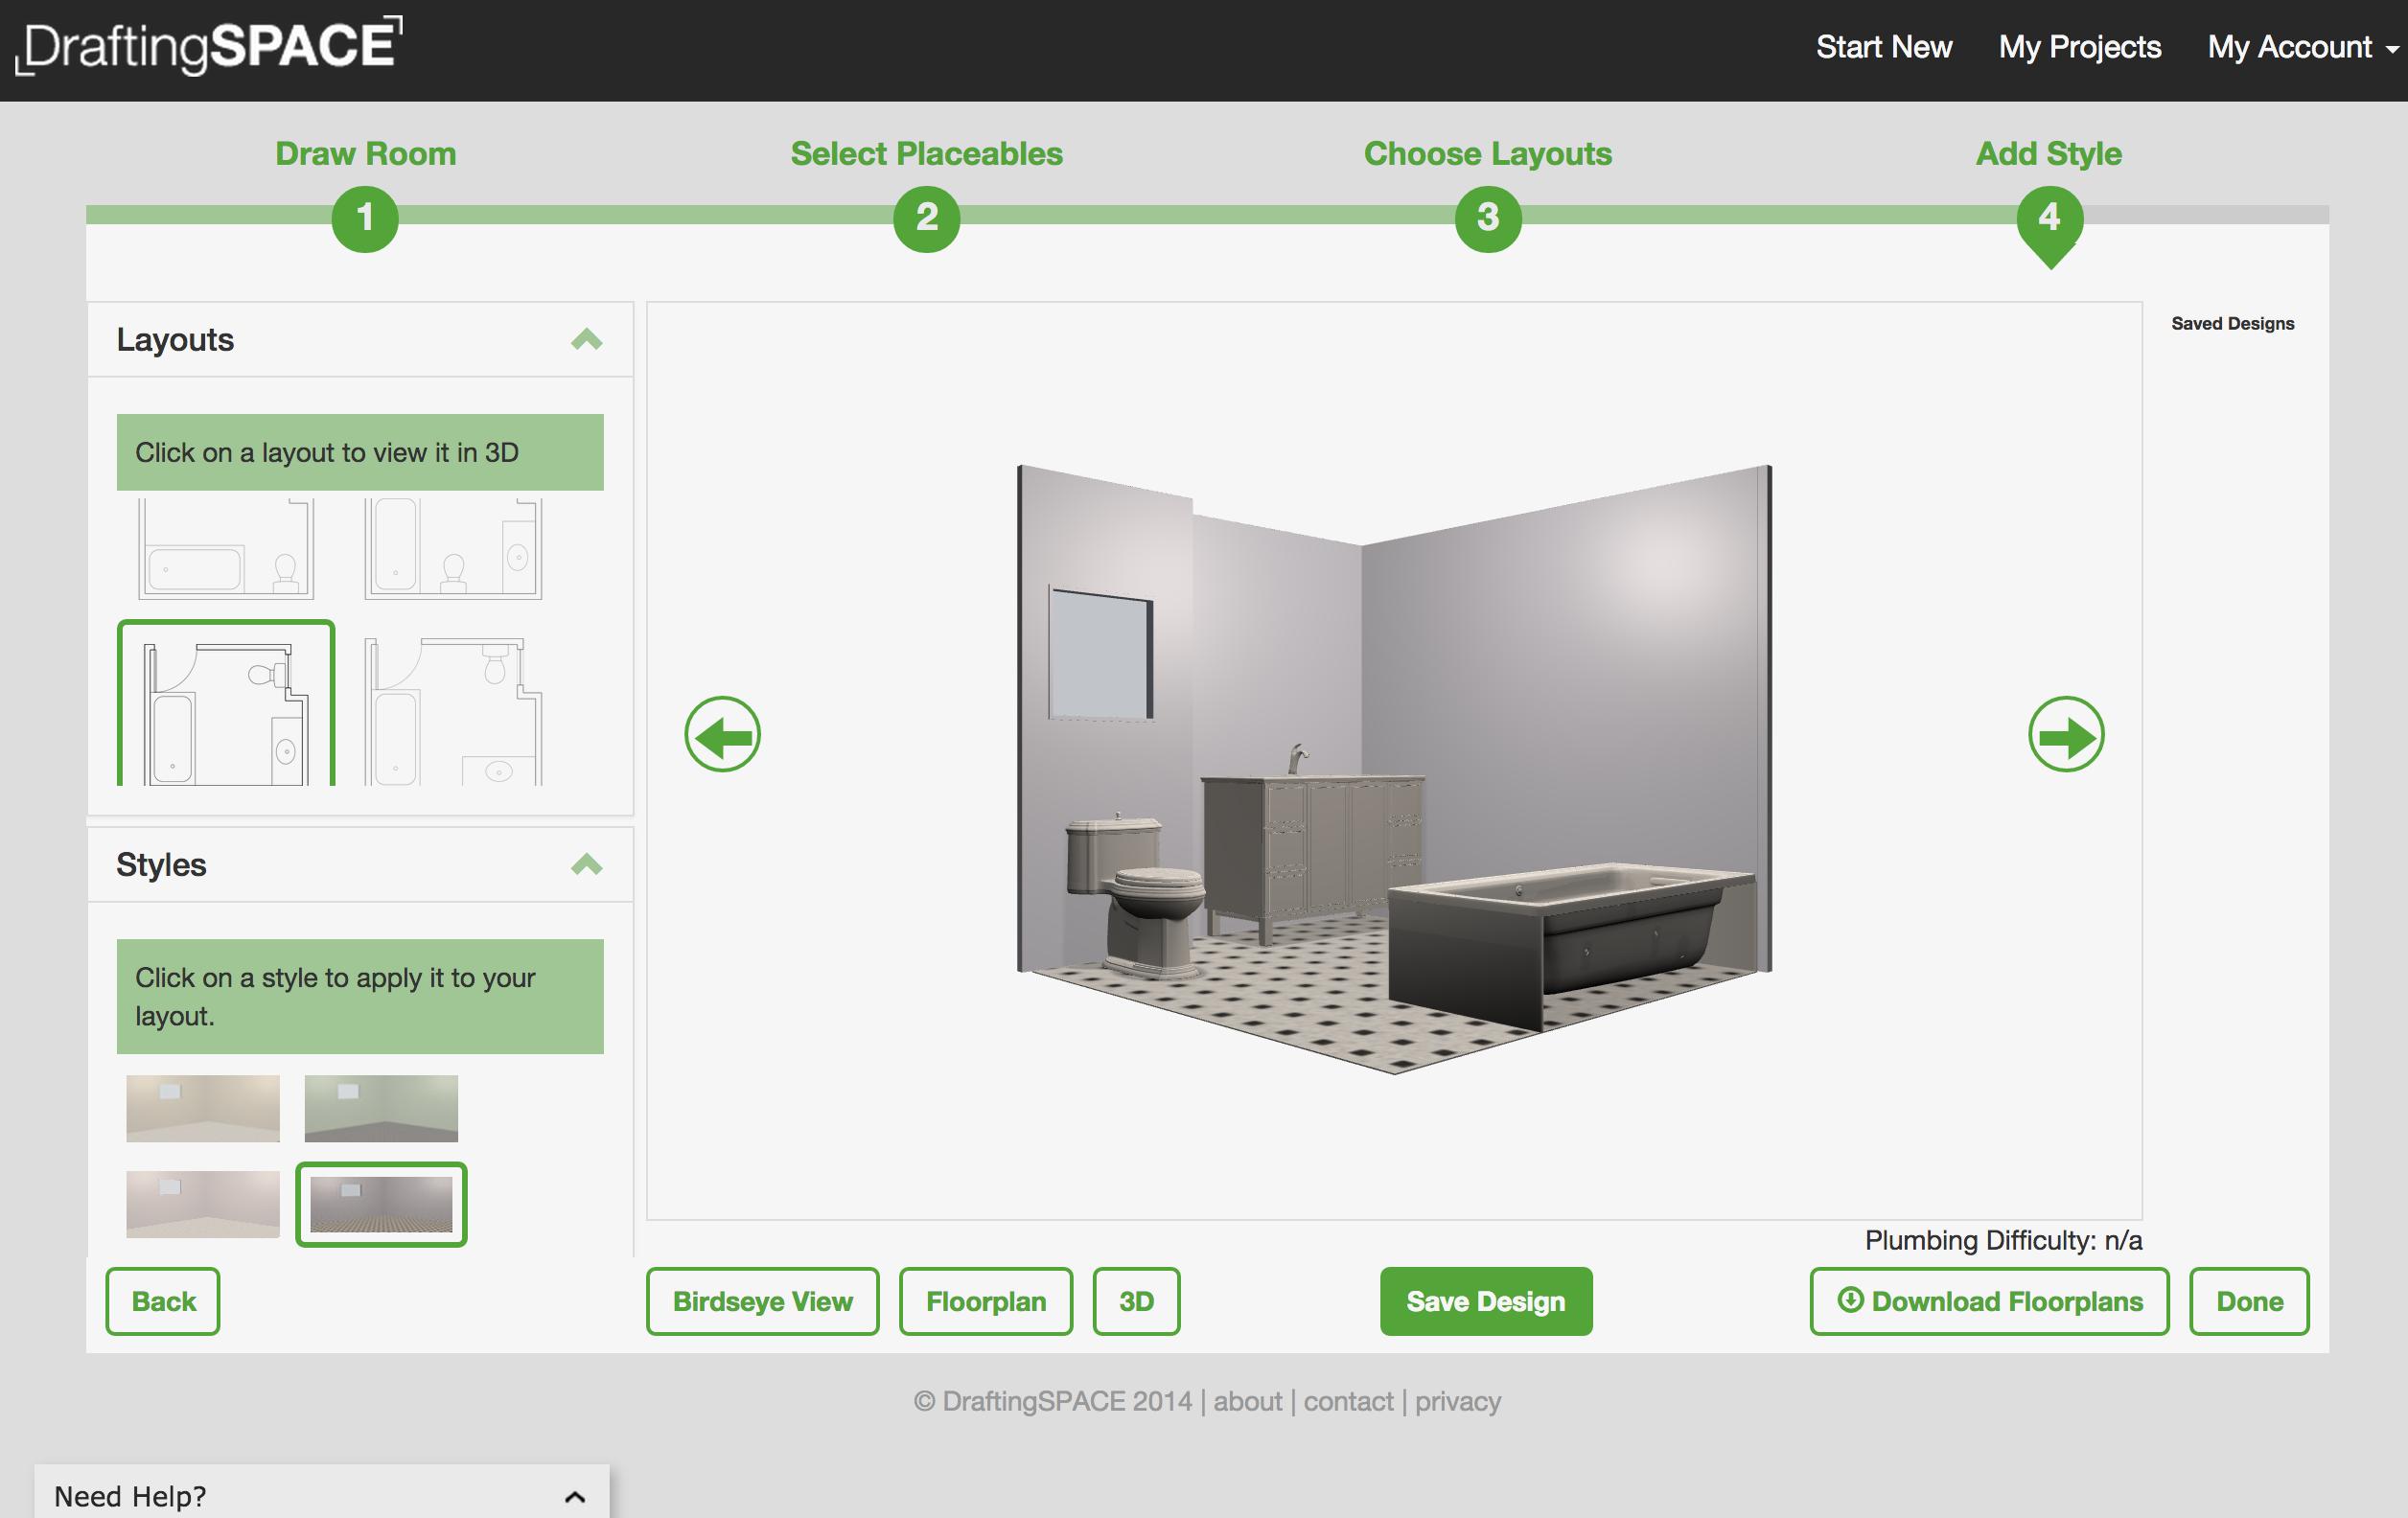 Favourite bathroom design #2, made using DraftingSPACE.com ...